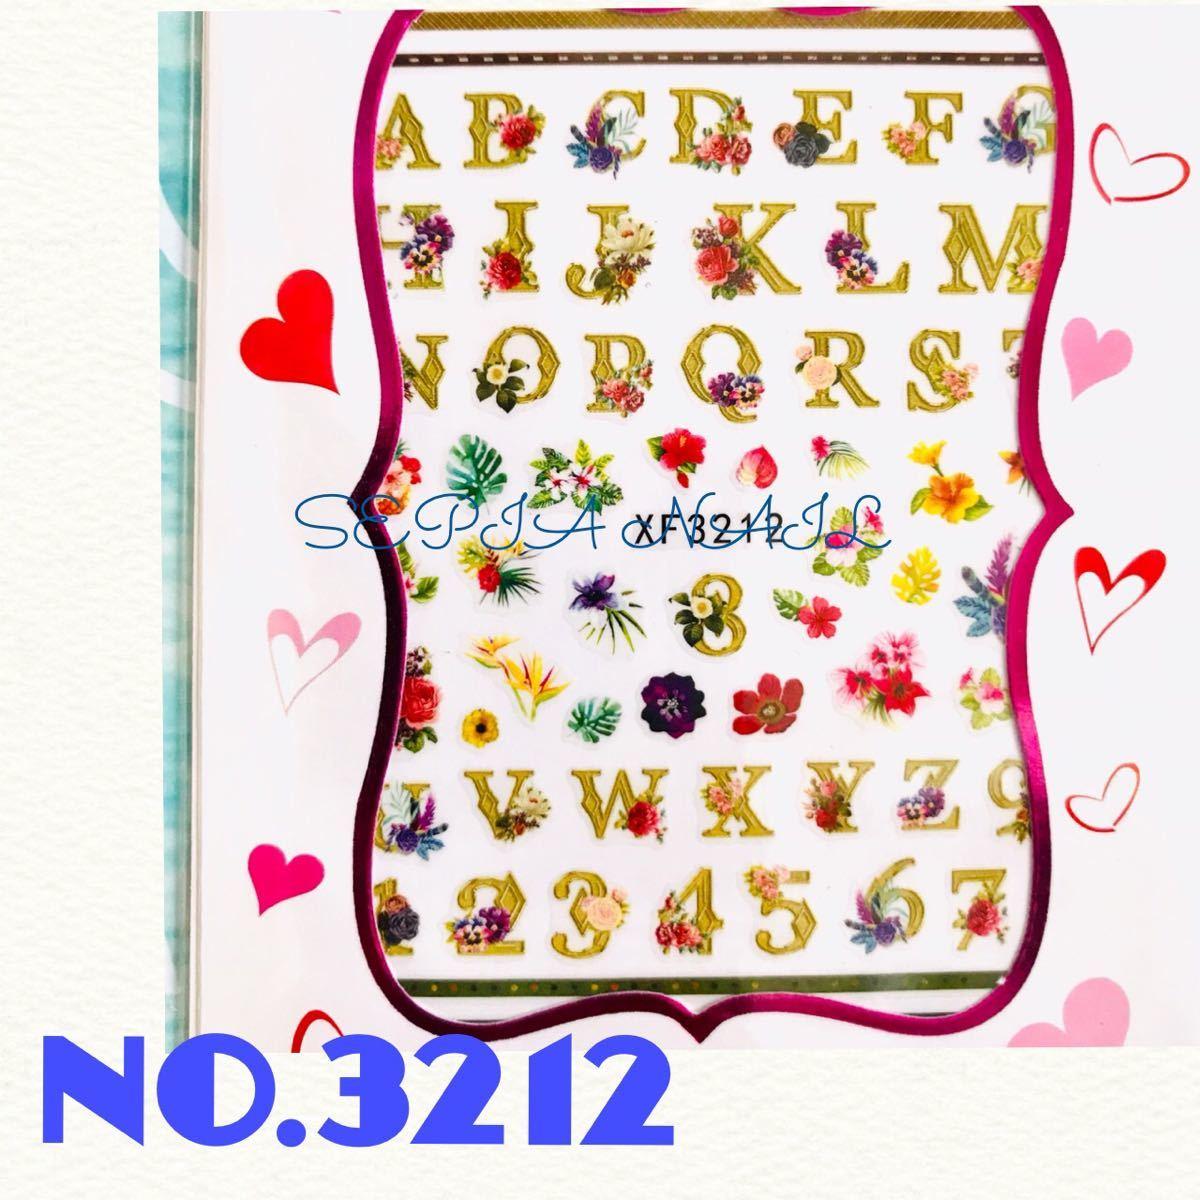 ネイル シール ステッカー アルファベット フラワー【NO.3212】2307